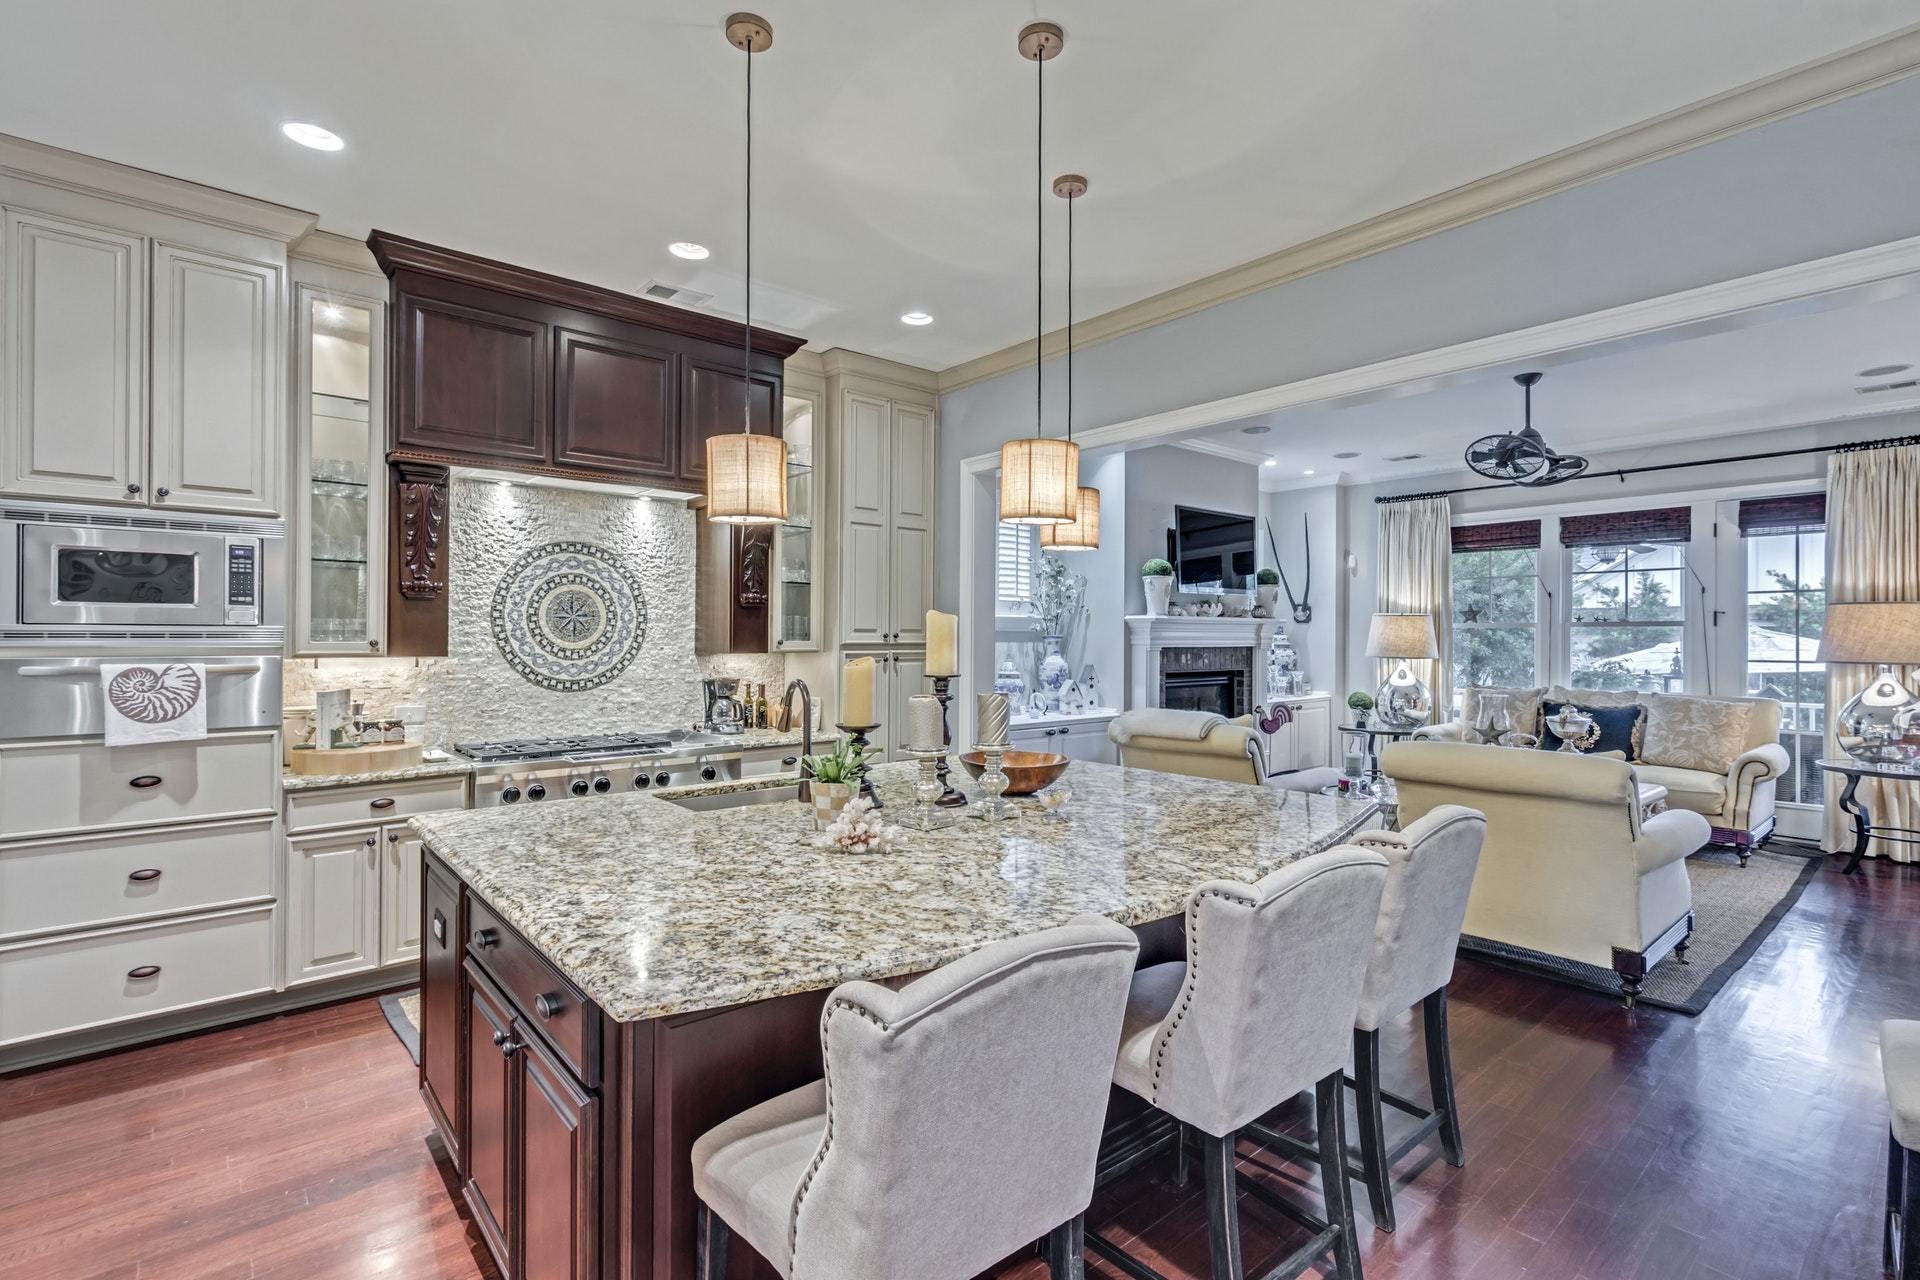 Dunes West Homes For Sale - 2816 River Vista, Mount Pleasant, SC - 3